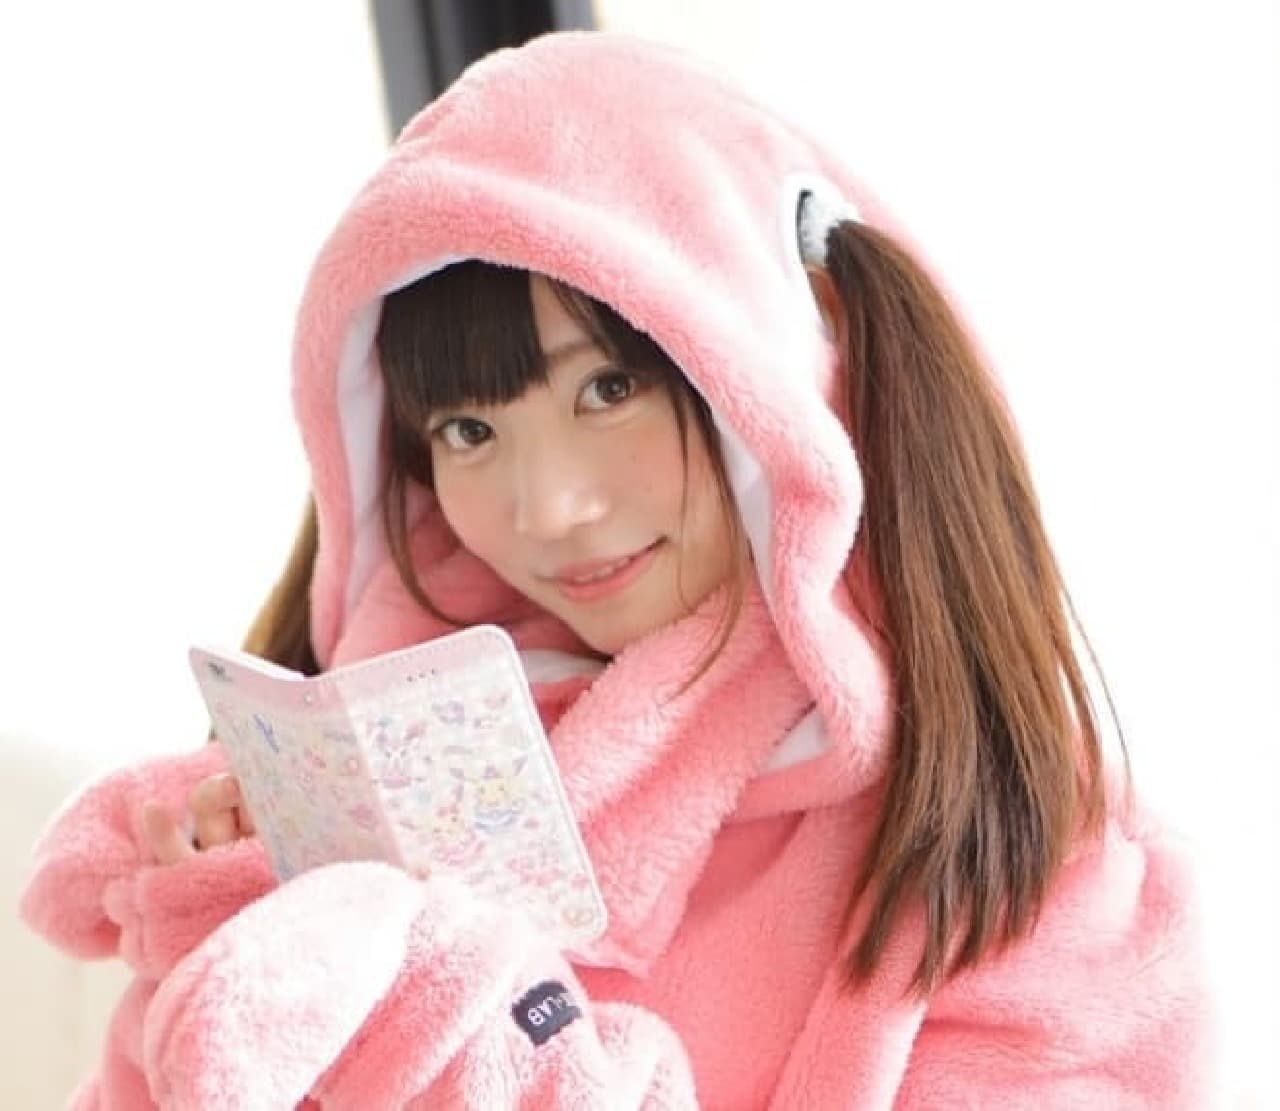 ヒト型着る毛布の最新作「ニュータイプ着る毛布 ダメ着(ダメギ)」